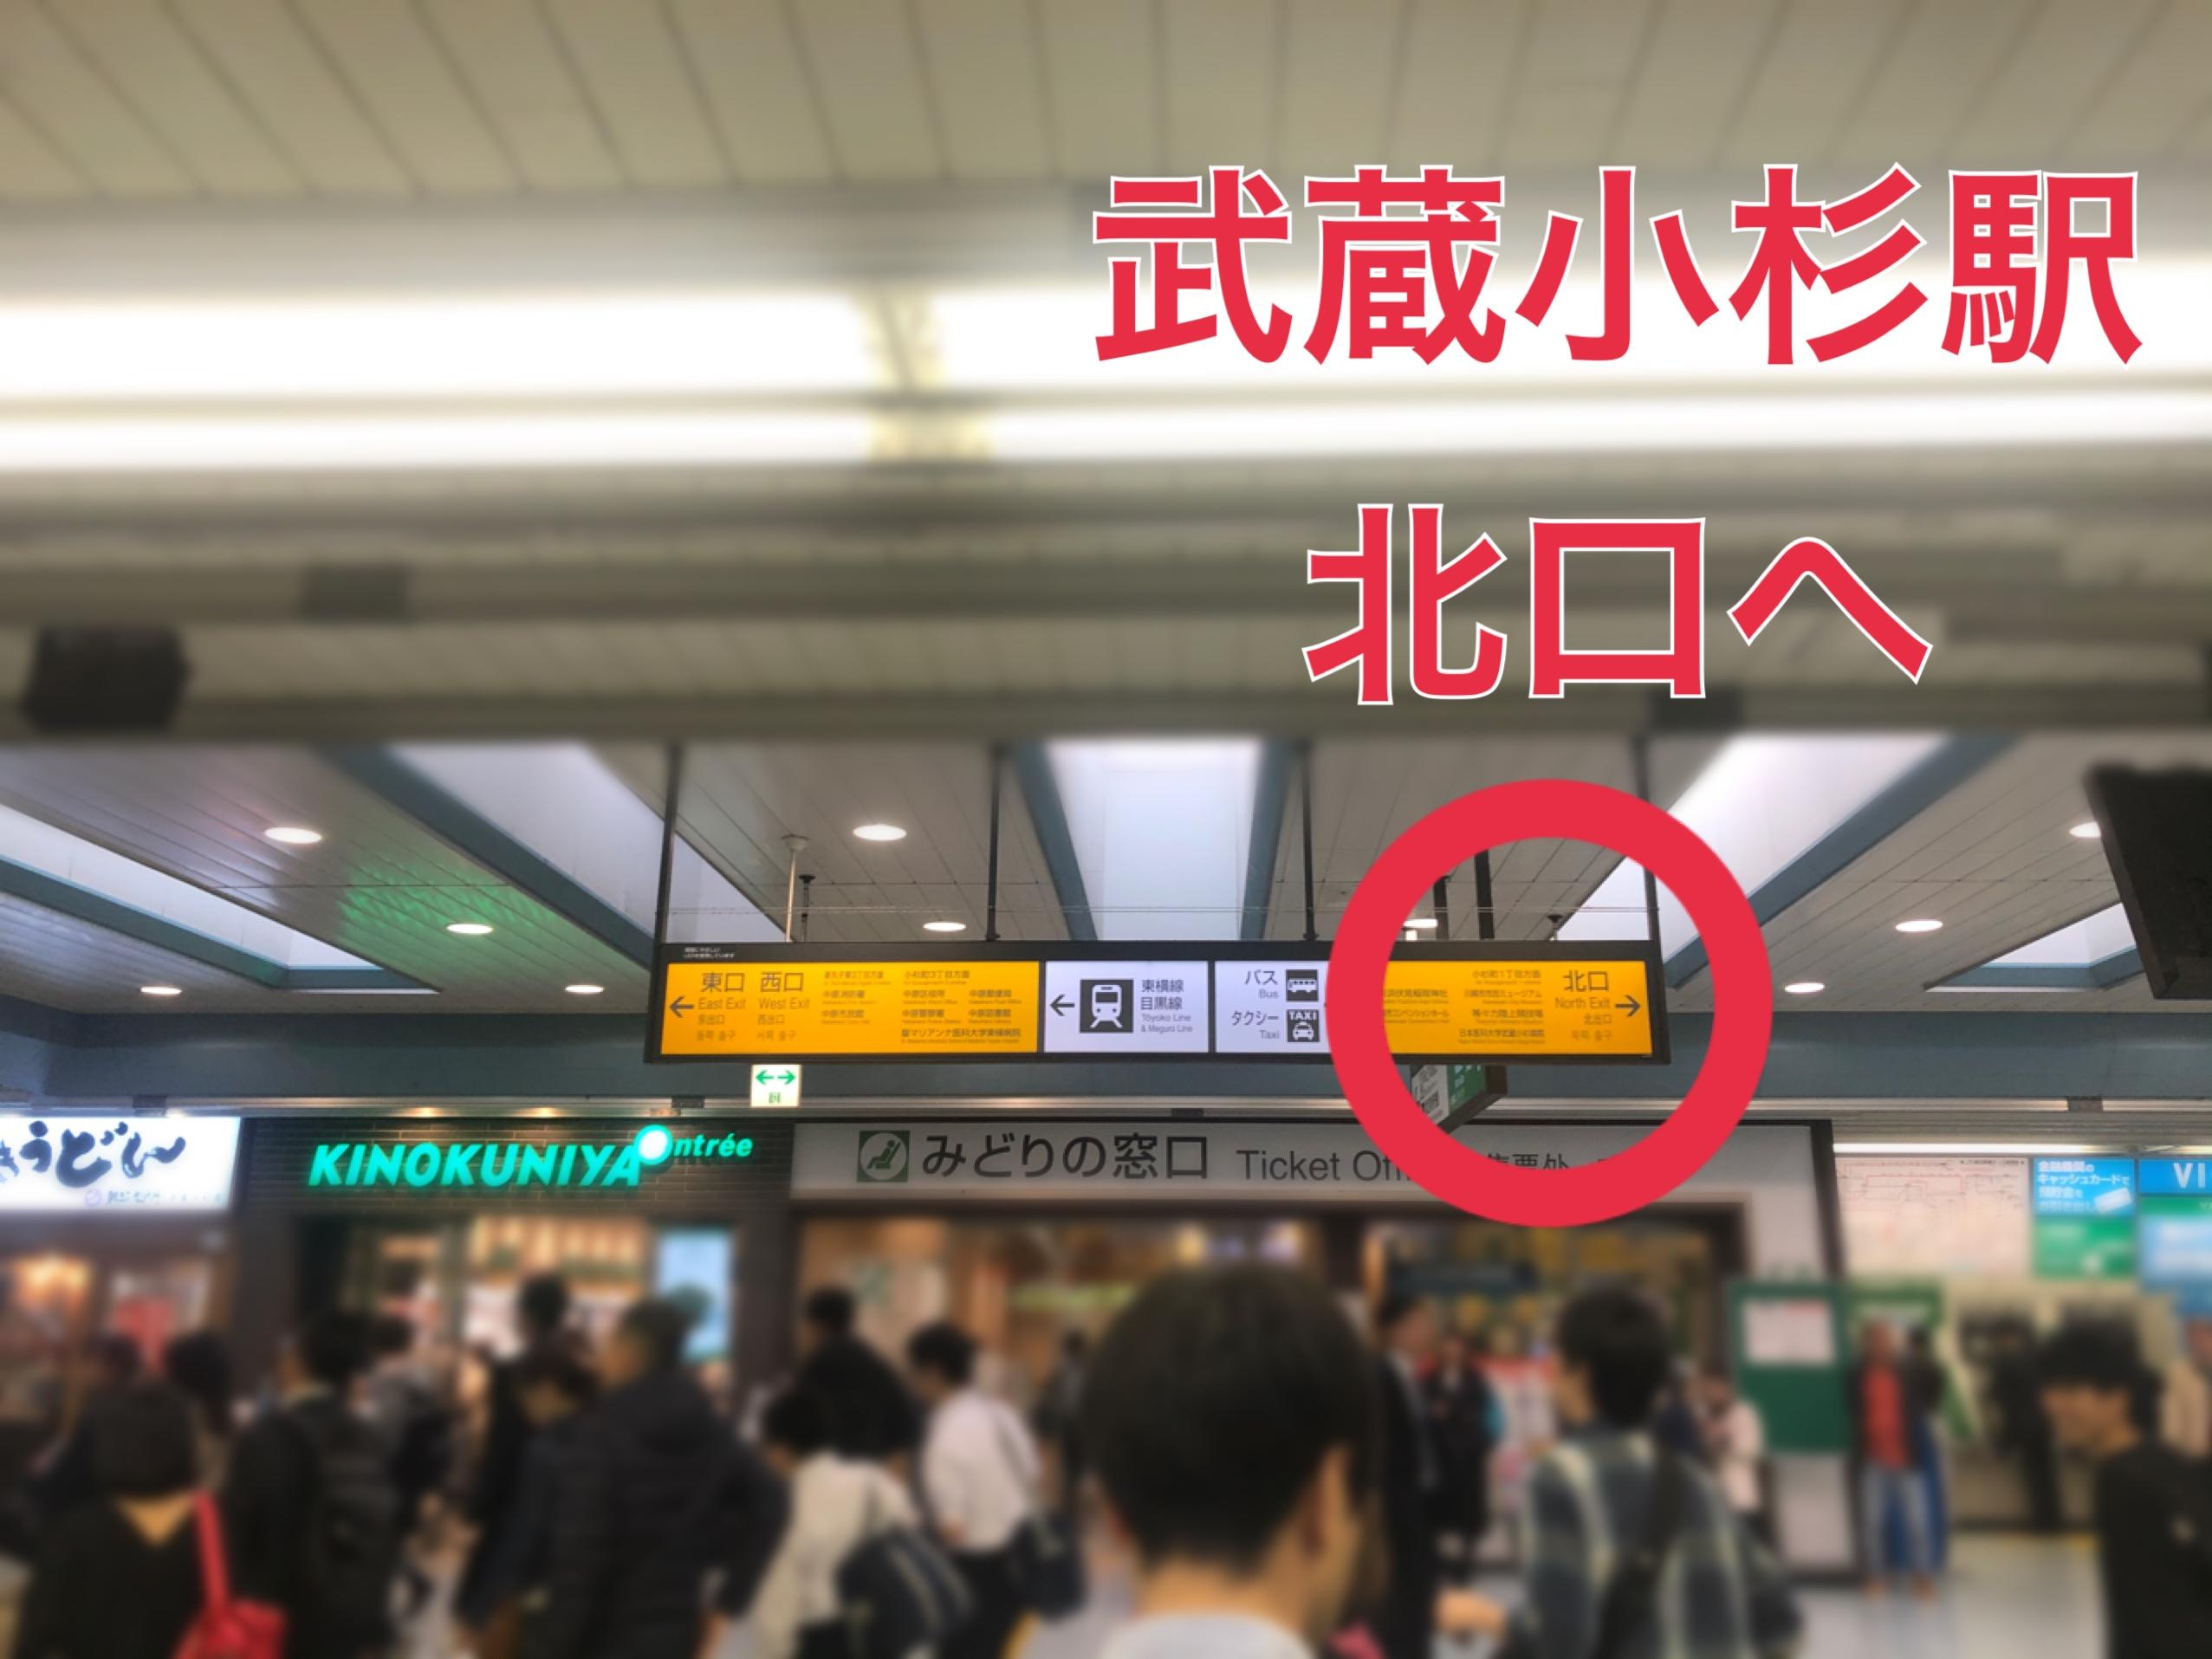 武蔵小杉サロンホールアクセス